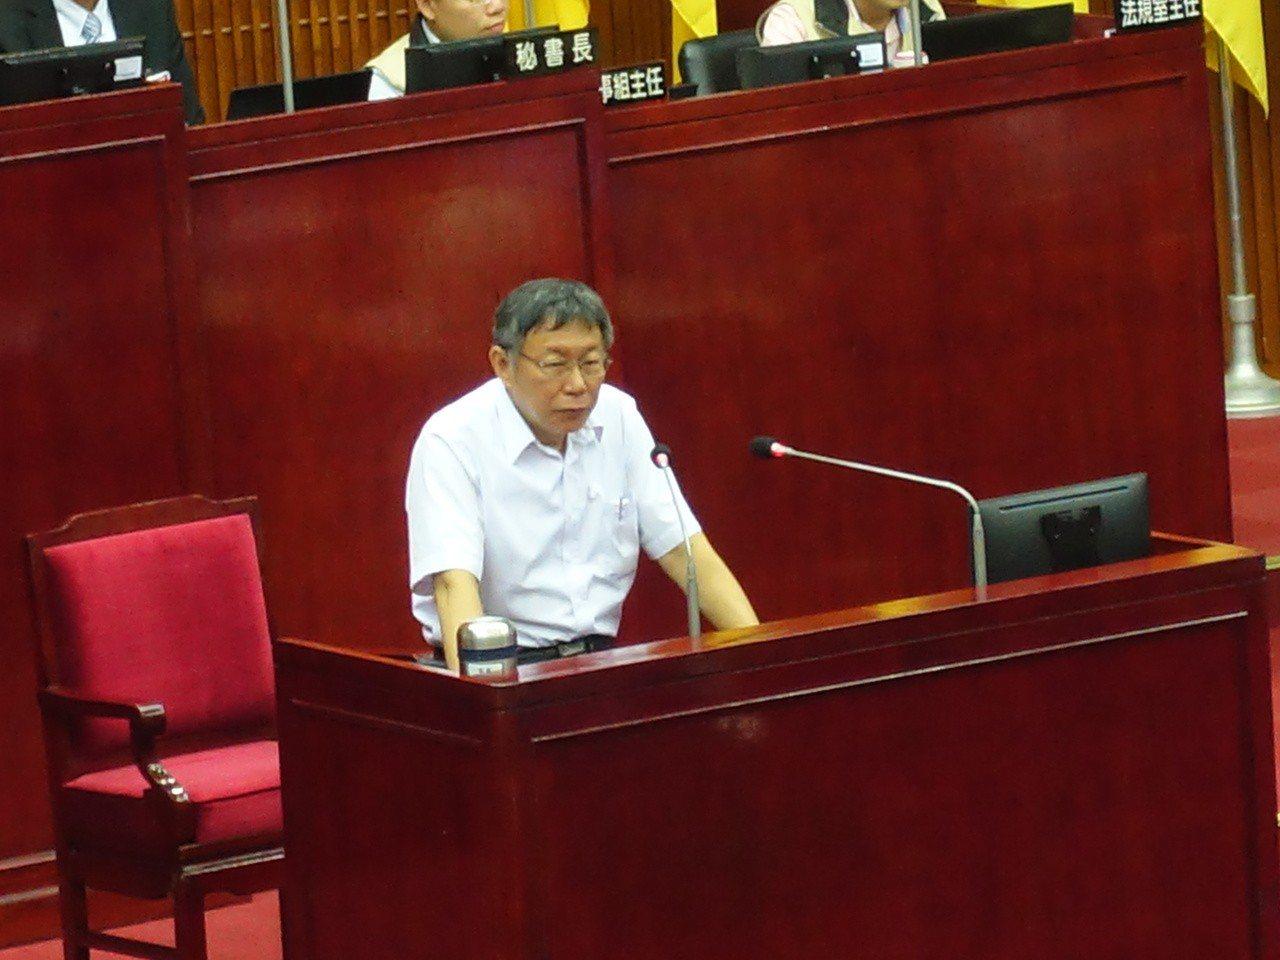 台北市長柯文哲表示,「六四是近代史的悲劇」,怎麼會搞成這樣子,這是魏鳳和的角度,...